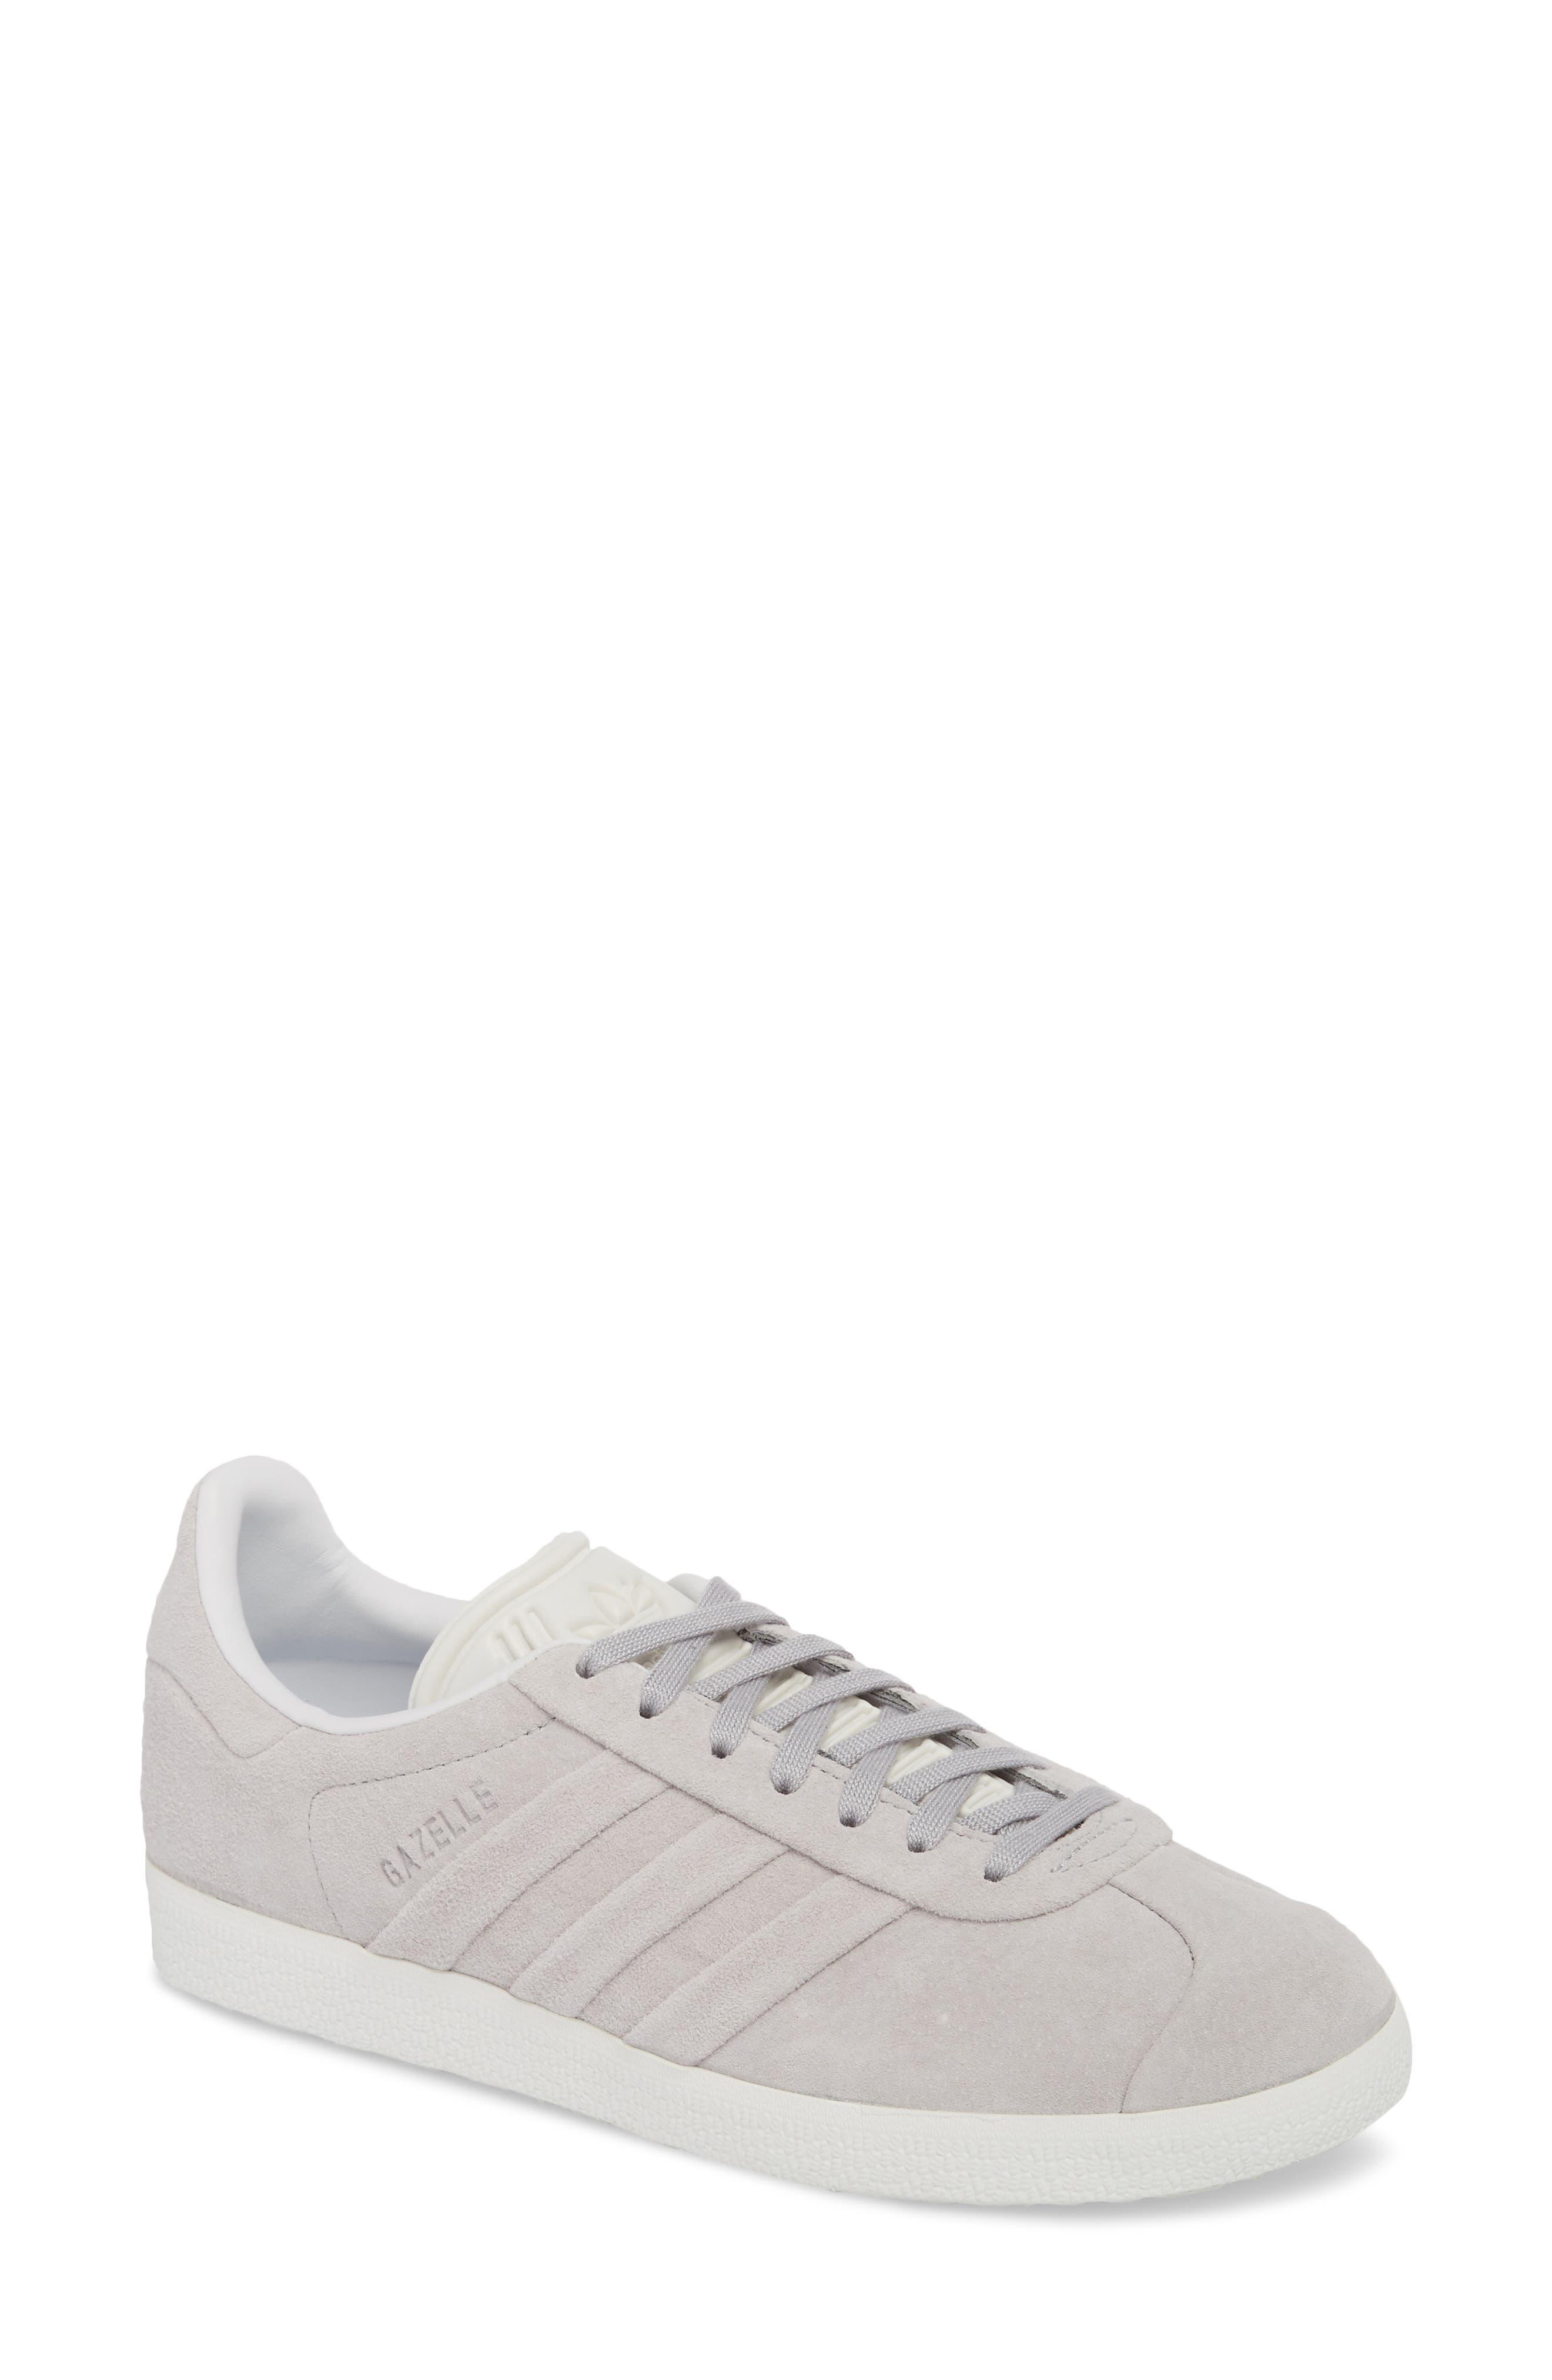 adidas Gazelle Stitch \u0026 Turn Sneaker